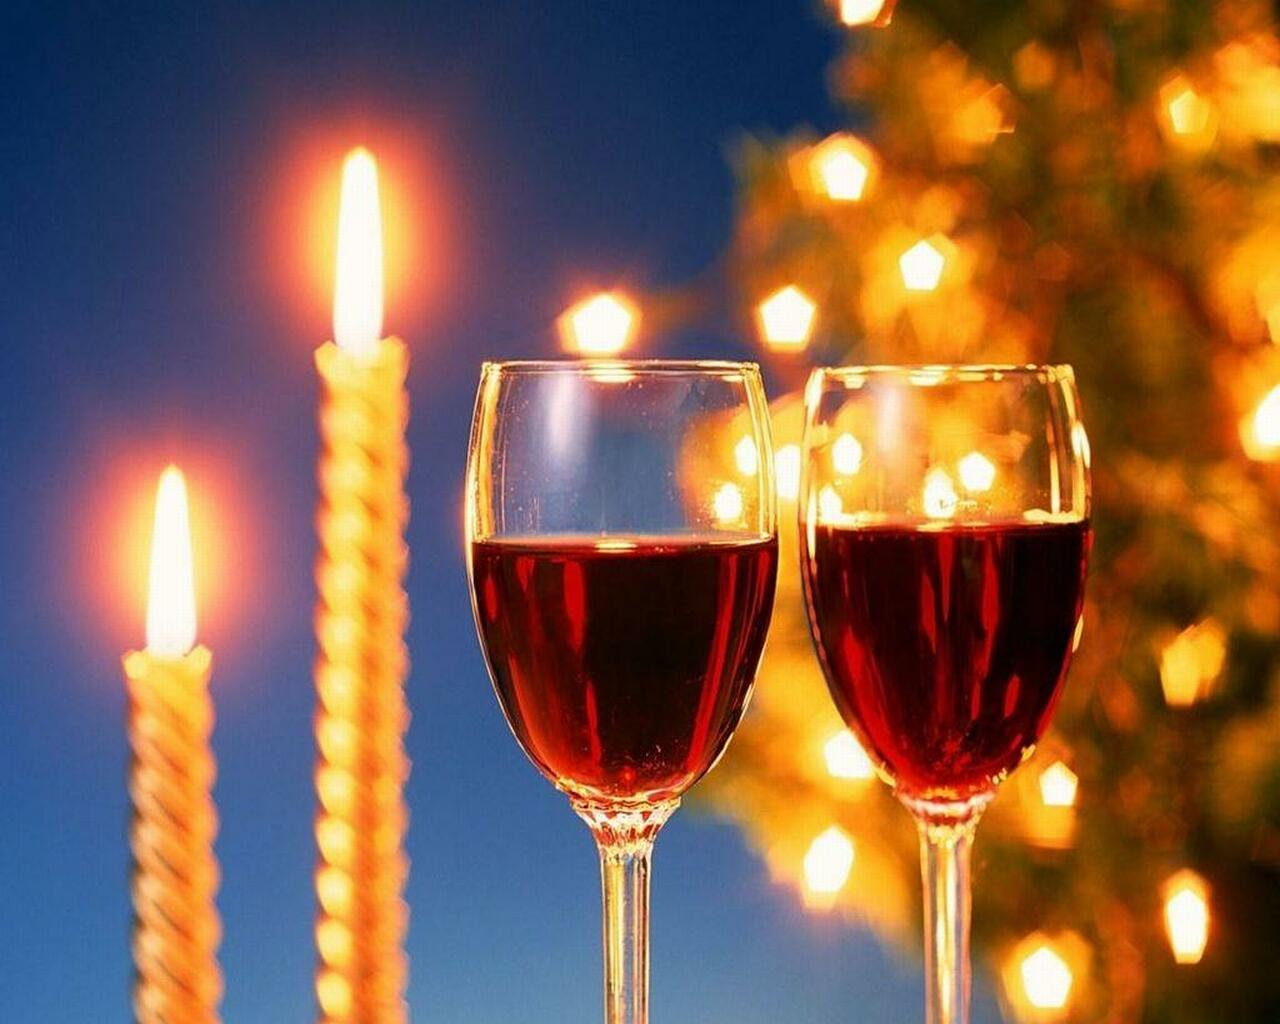 С наступающим Новым годом,друзья!